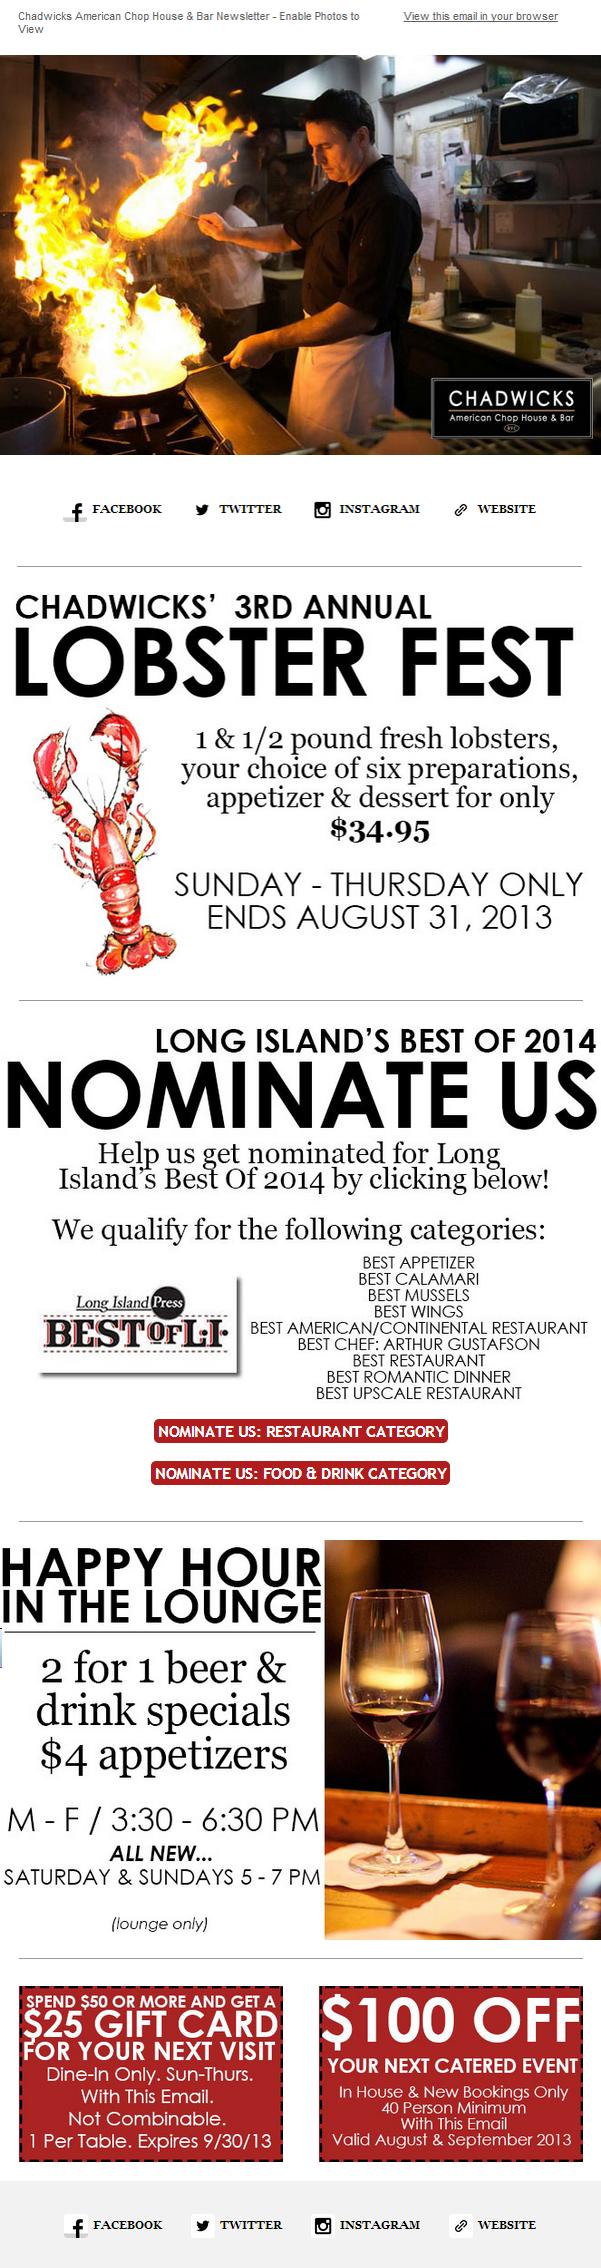 080913_Lobster Fest.png